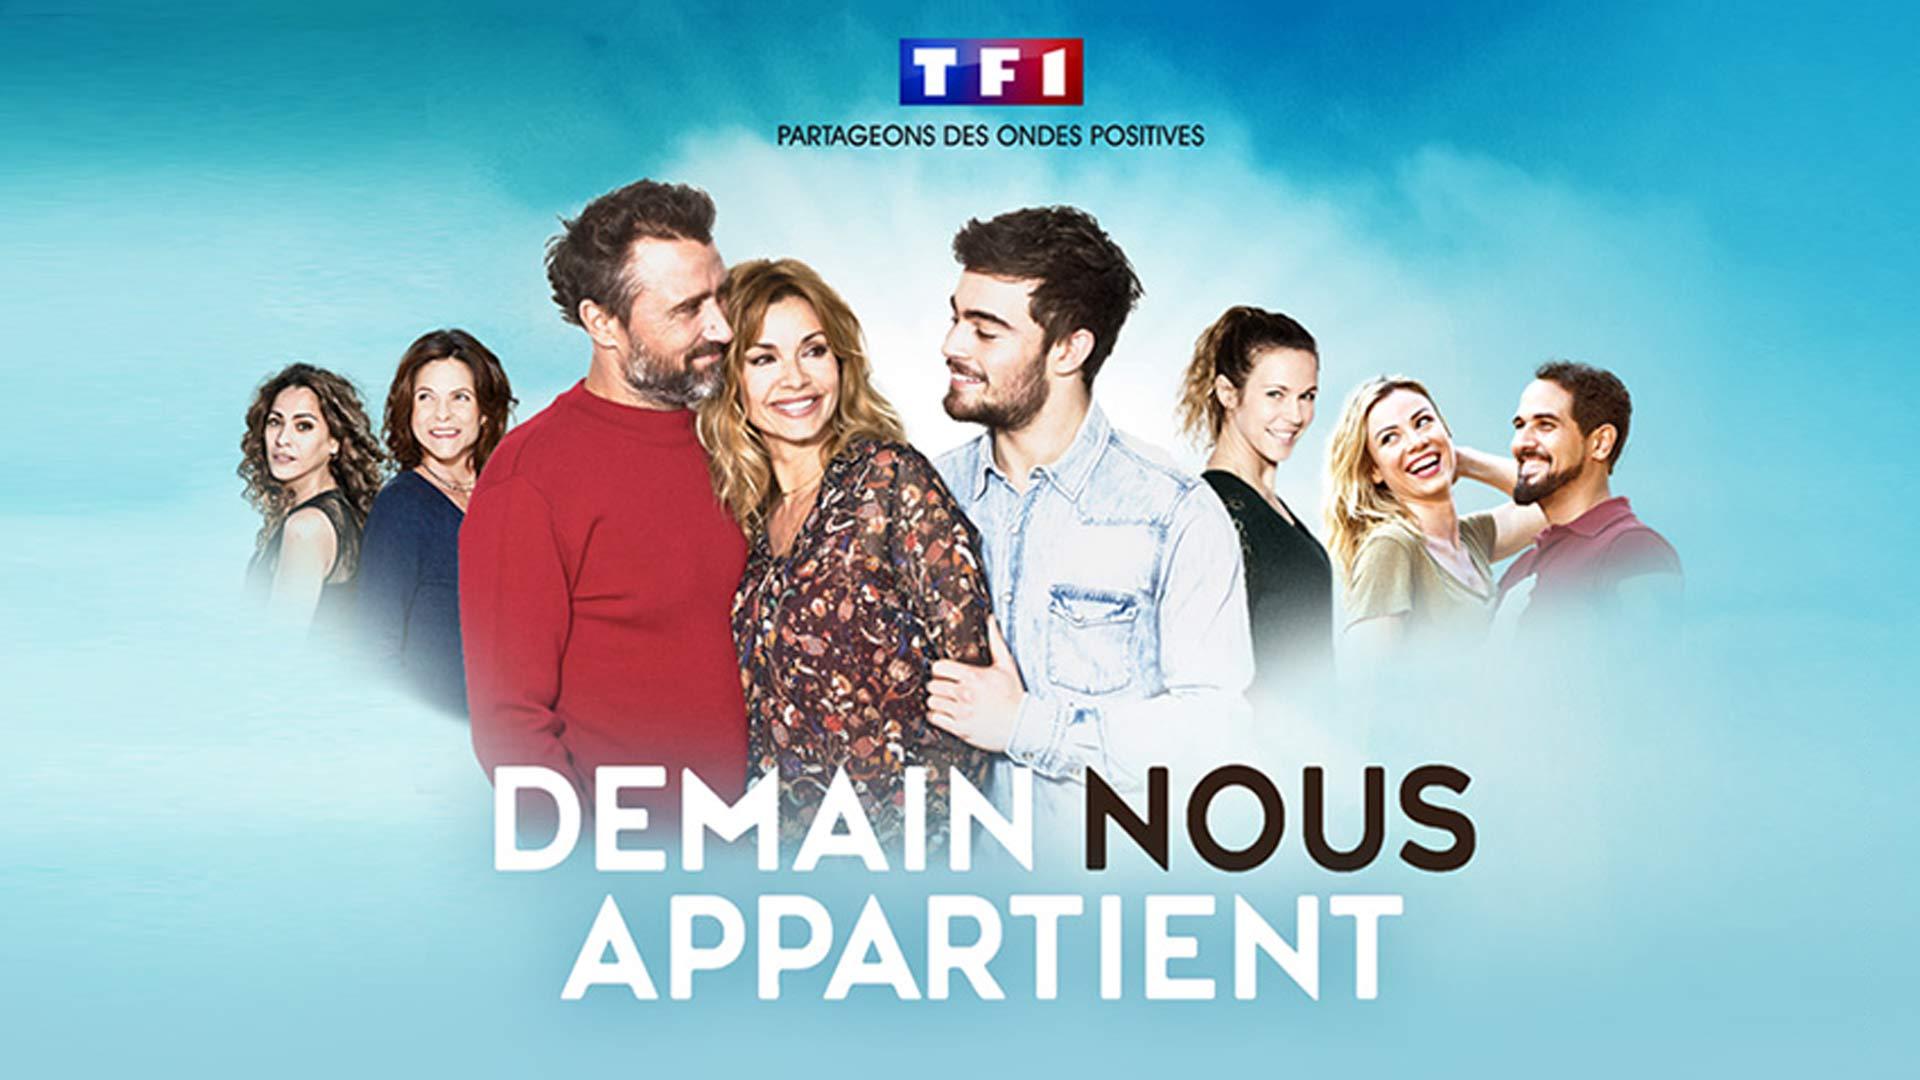 Visuel du jeu-concours pour gagner un voyage à Sète et rencontrer les comédiens de la série Demain Nous Appartient, avec TF1 et Vous